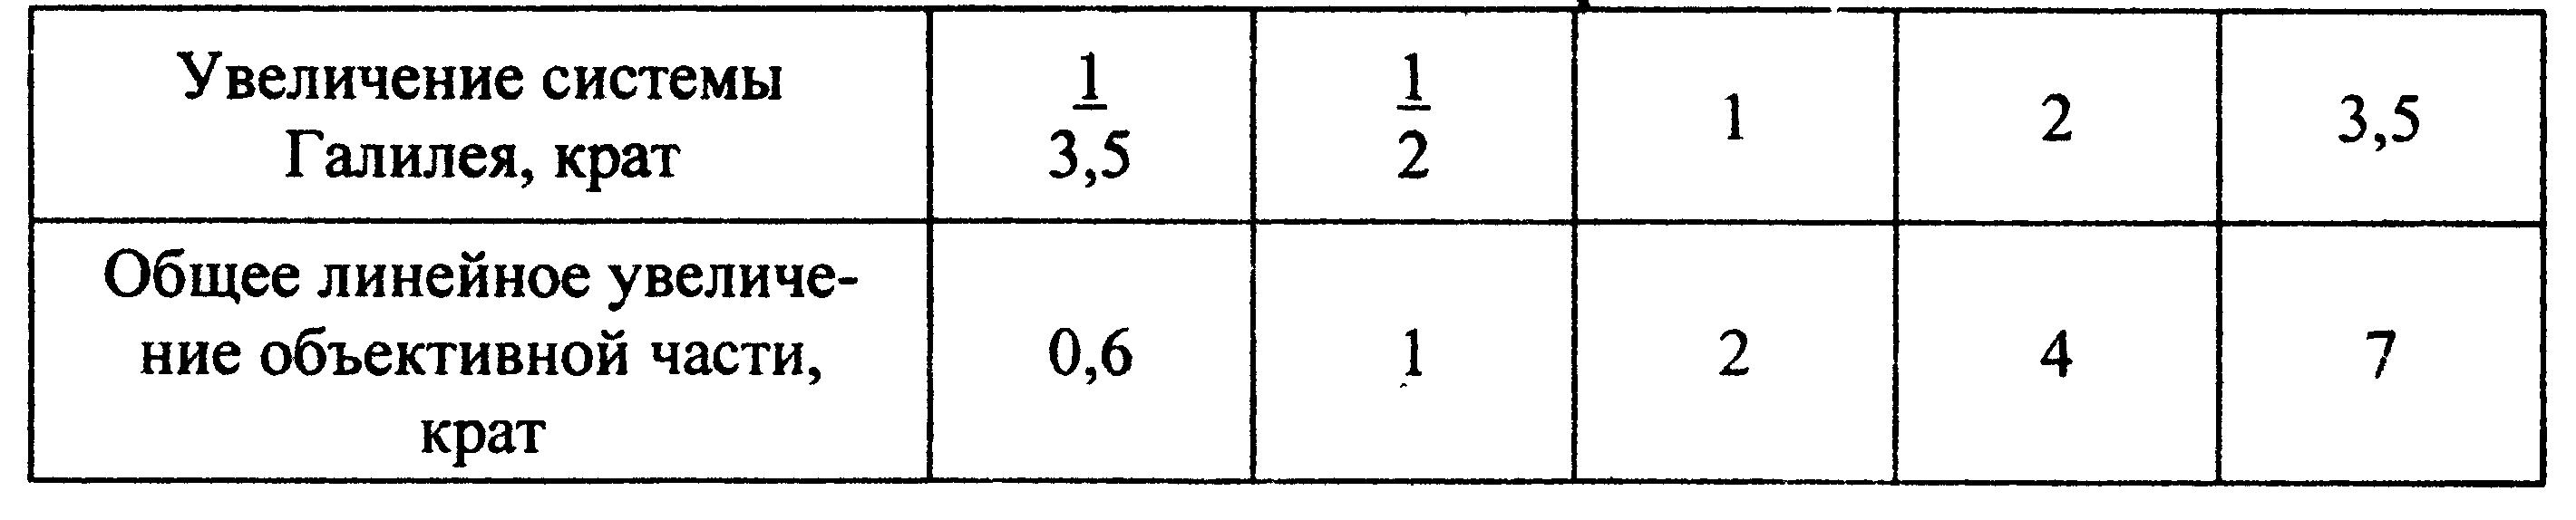 мбс-10 табл. 1